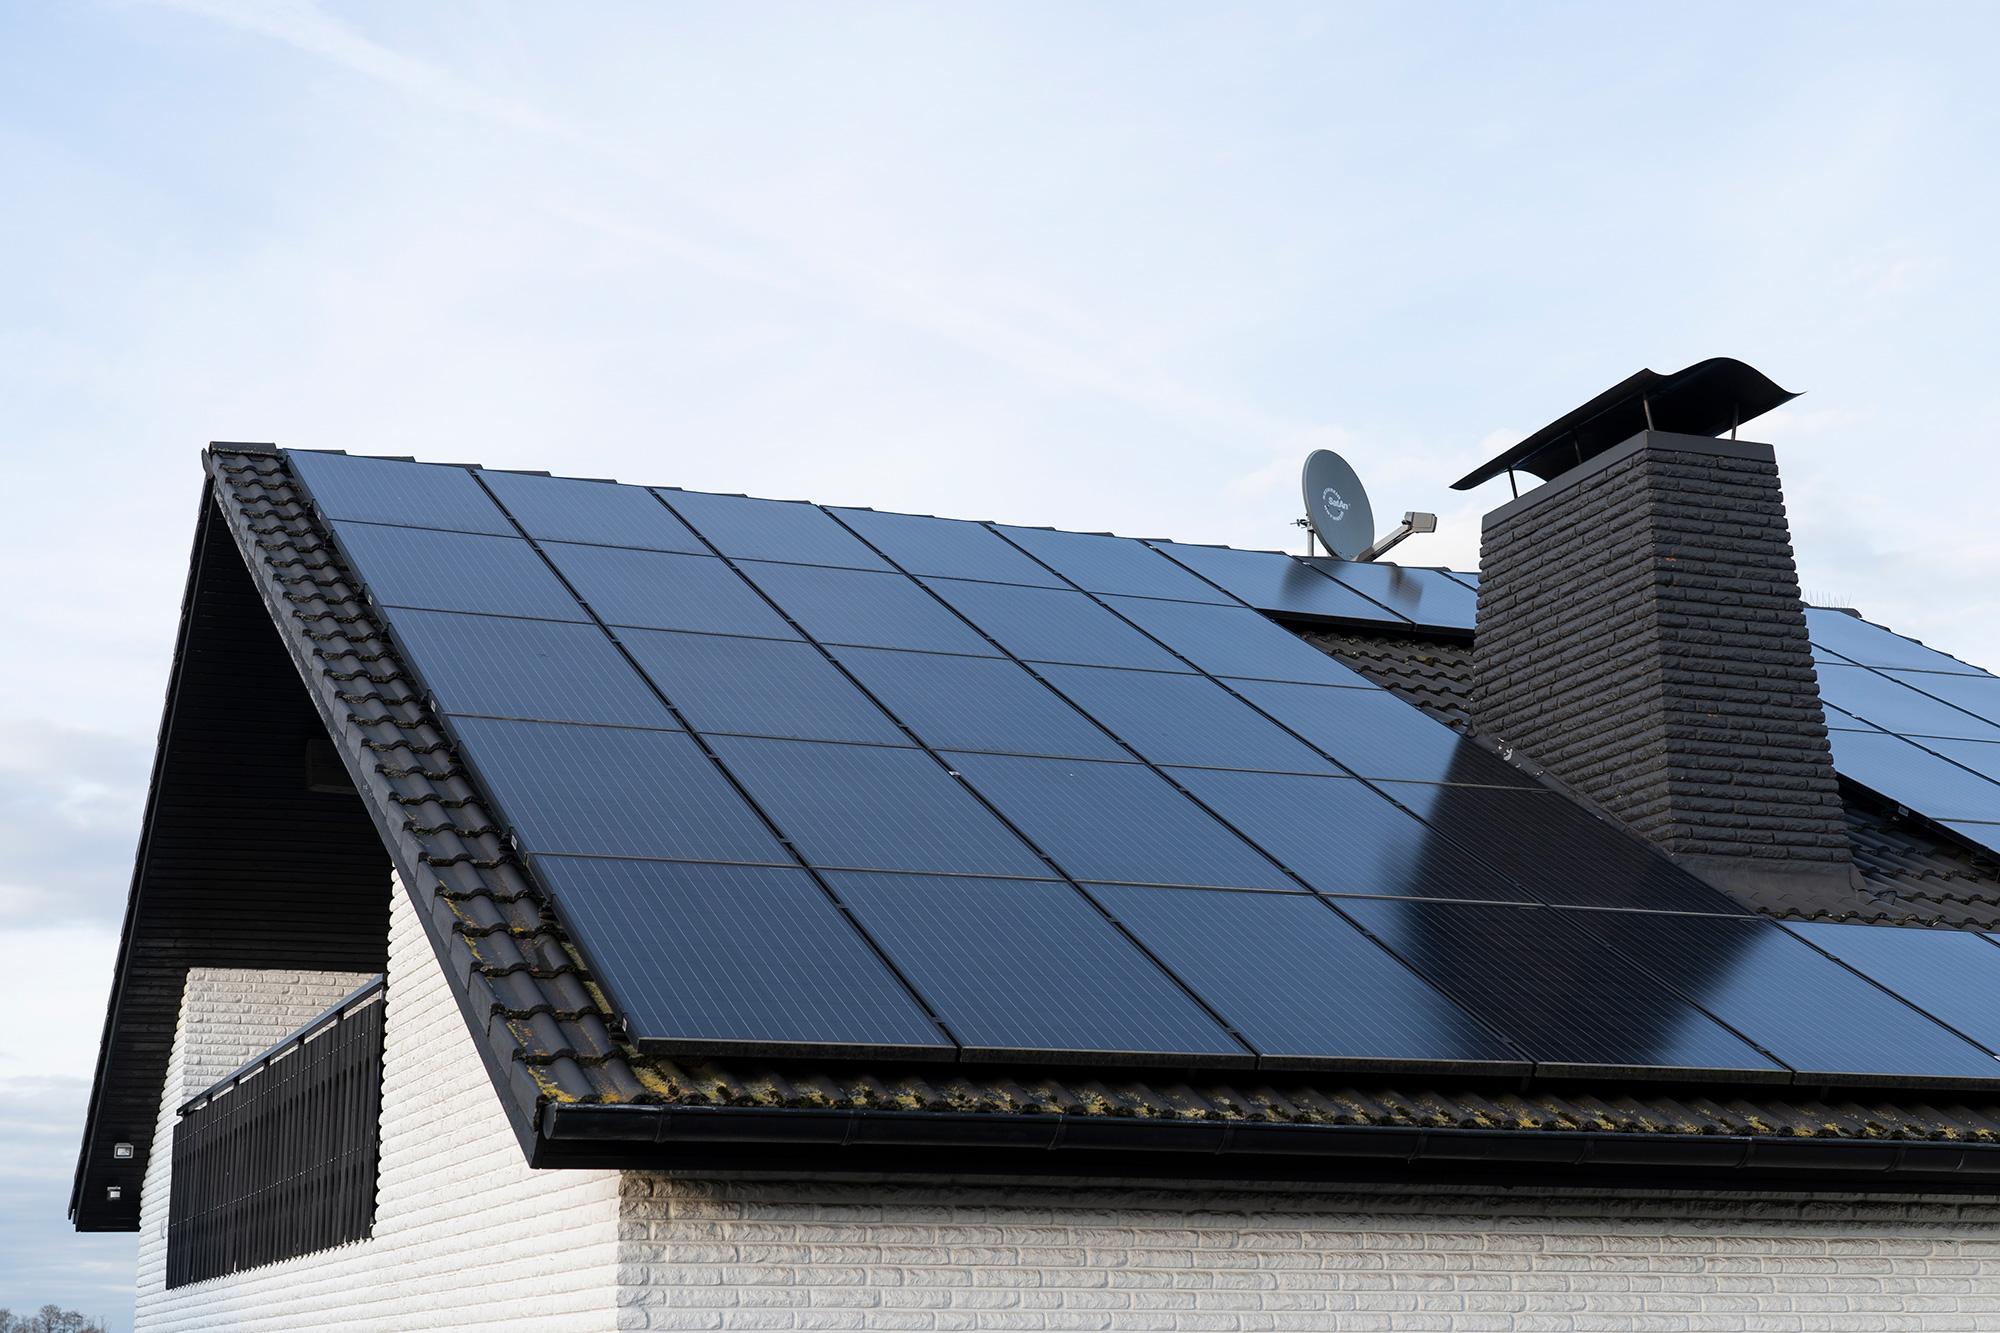 Gütersloher Einfamilienhaus mit eigener Photovoltaik Anlage